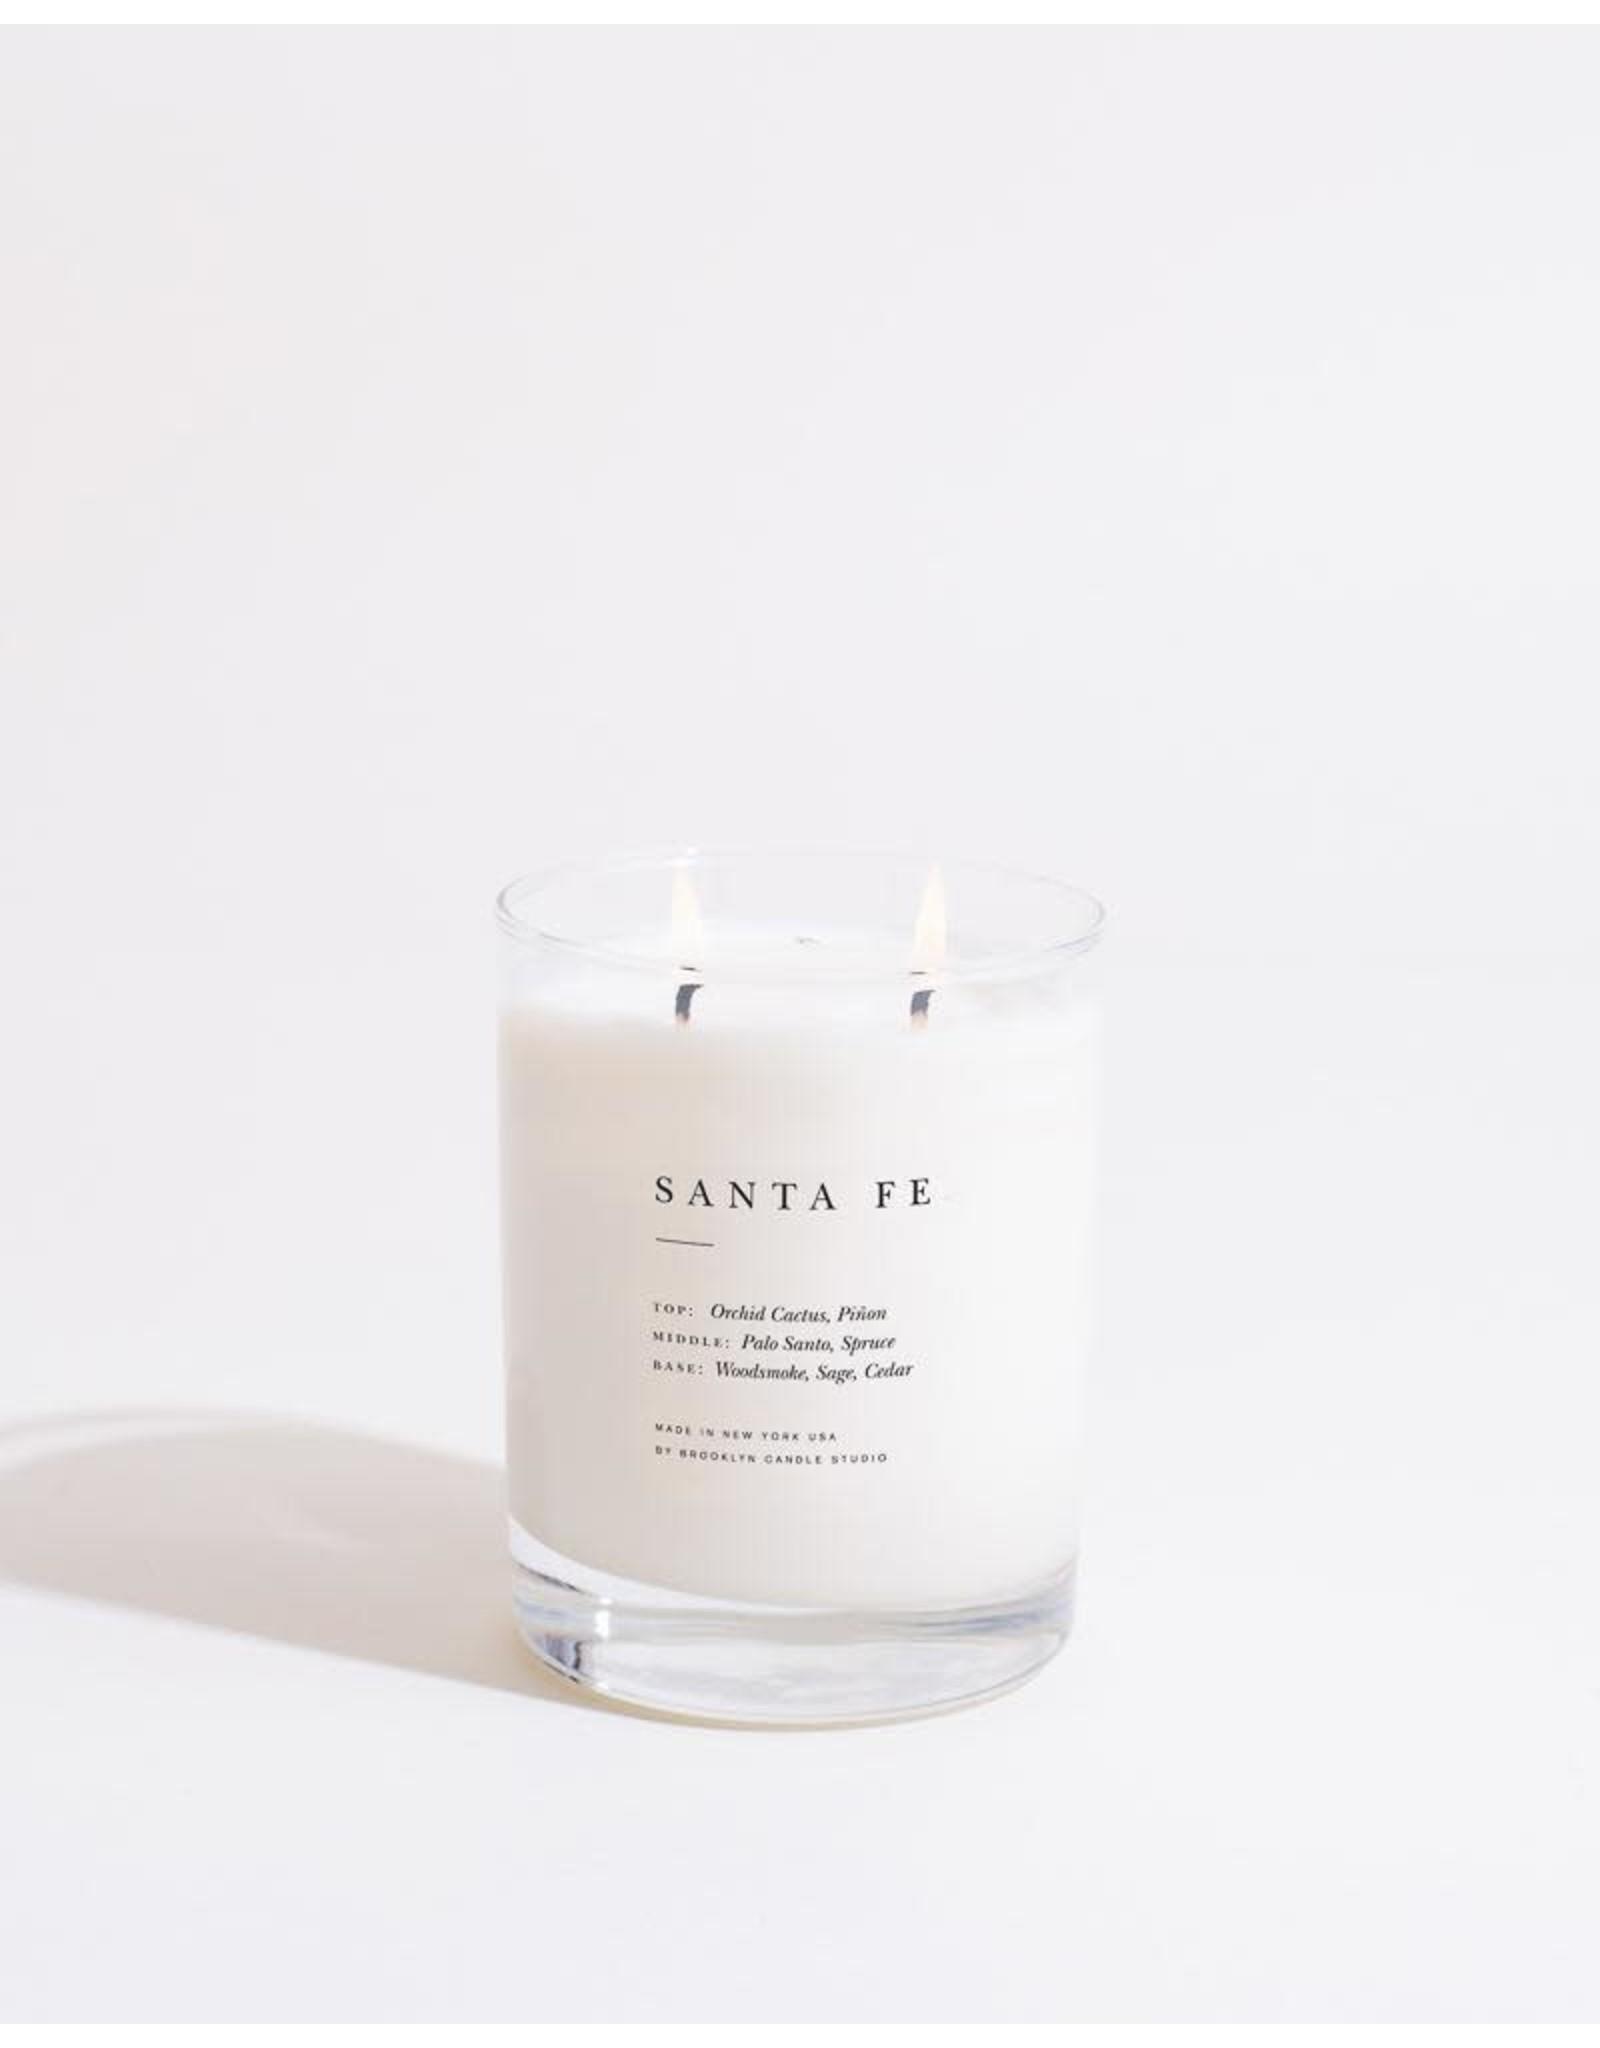 Brooklyn Candle Studio Santa Fe - Escapist Candle - Brooklyn Candle Studio